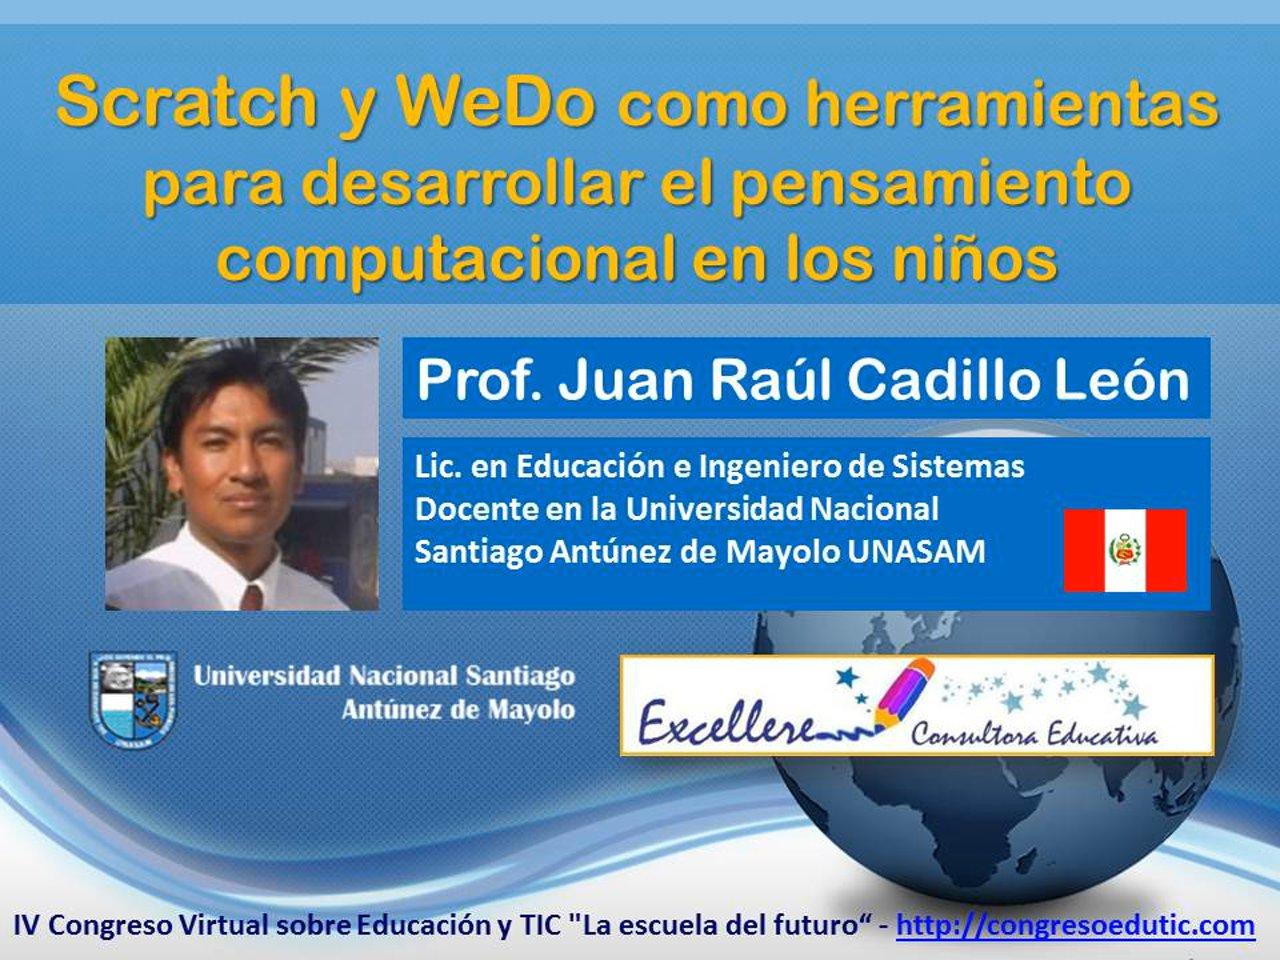 Ponencia de Juan Raúl Cadillo León: Scratch y WeDo como herramientas  para desarrollar el pensamiento computacional en los niños